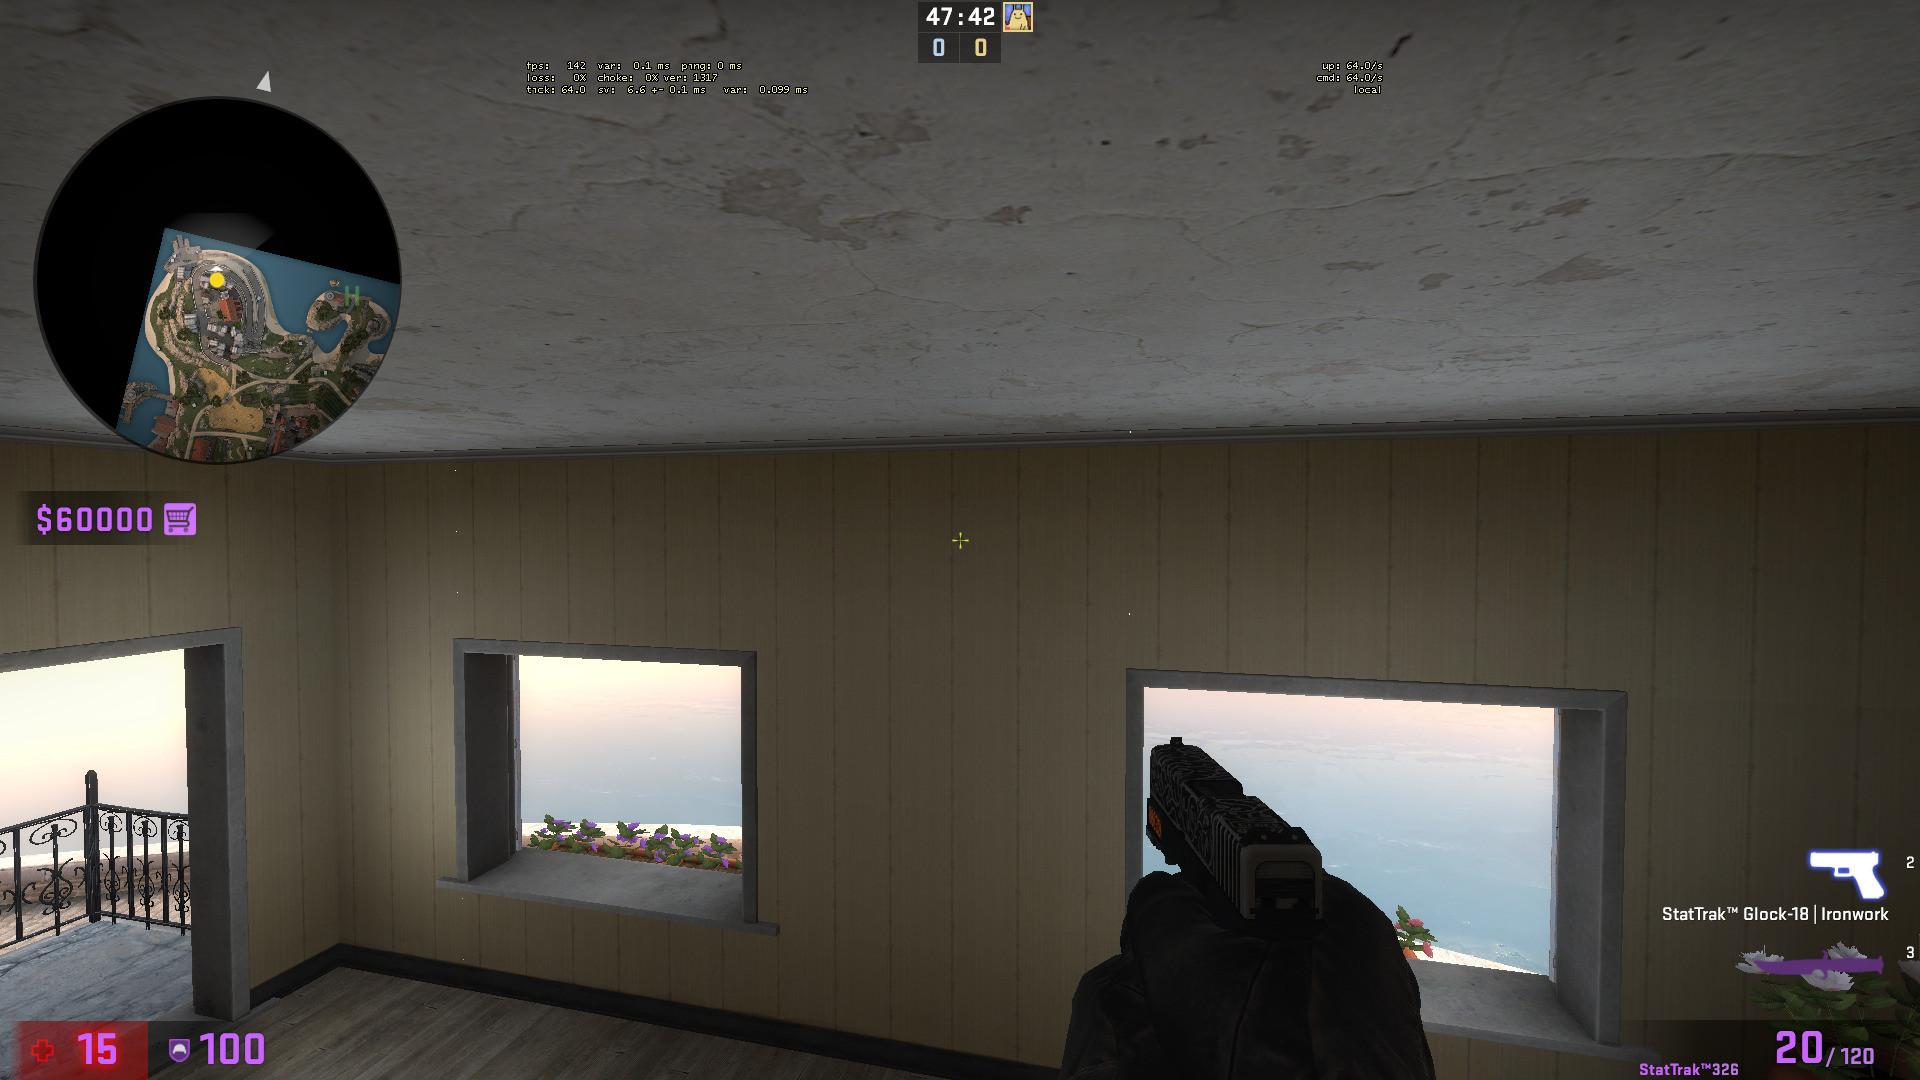 Counter-strike-Global-Offensive-Screenshot-2021_09.07-13_41_59_89.jpeg.34837dd357d6e88a103891c47dd6e89b.jpeg